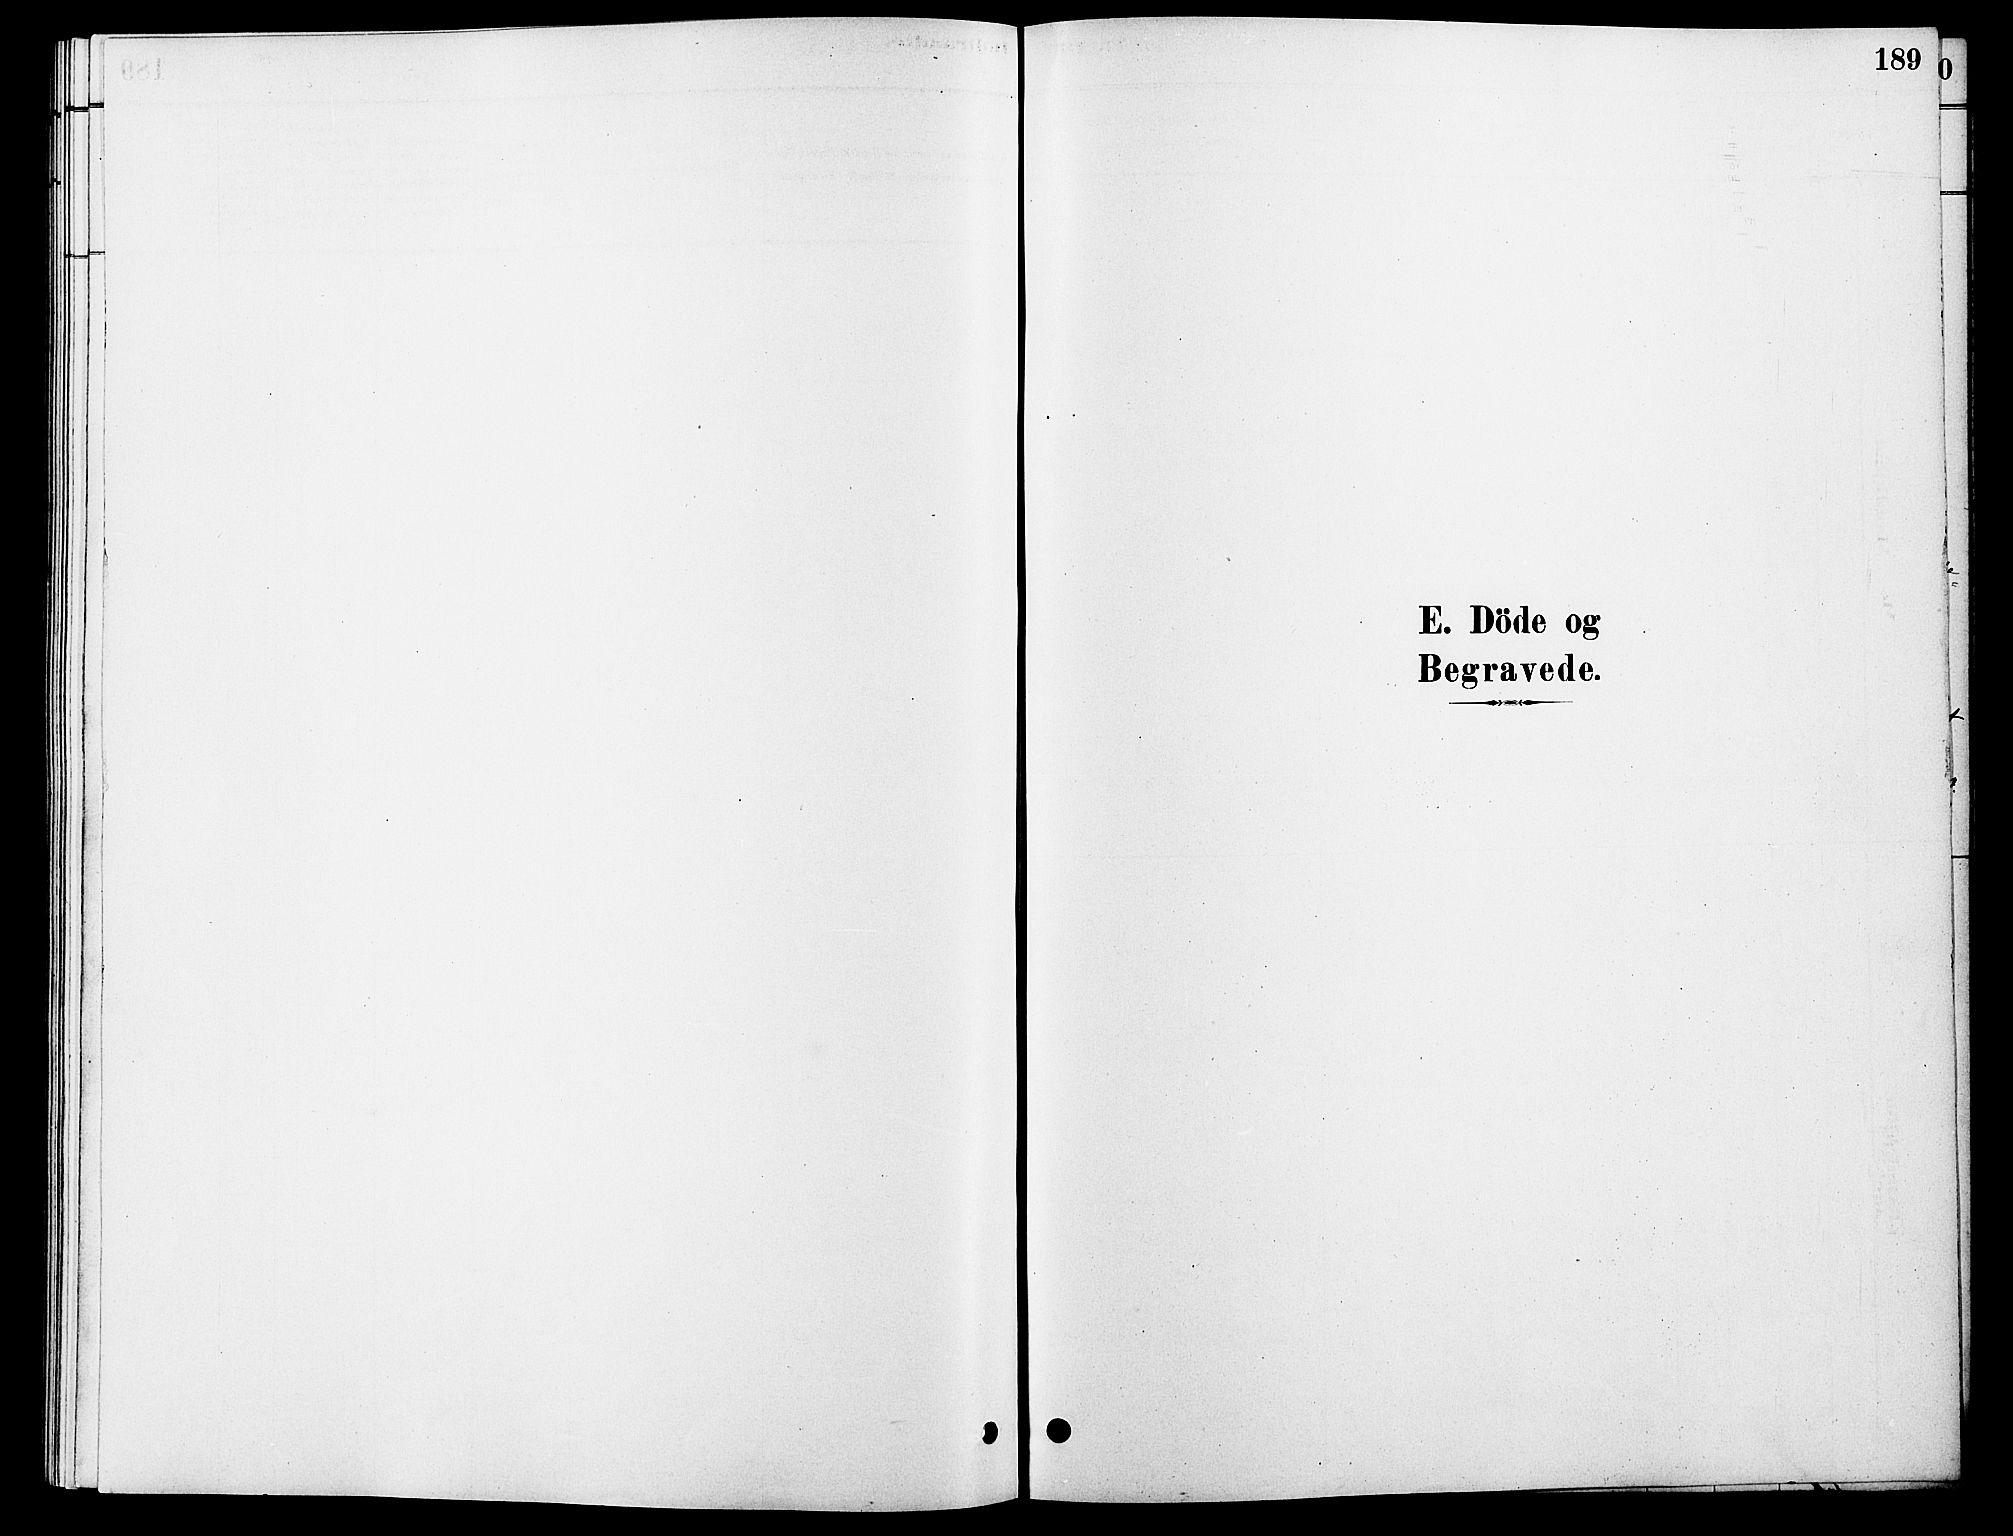 SAH, Rendalen prestekontor, H/Ha/Hab/L0003: Klokkerbok nr. 3, 1879-1904, s. 189